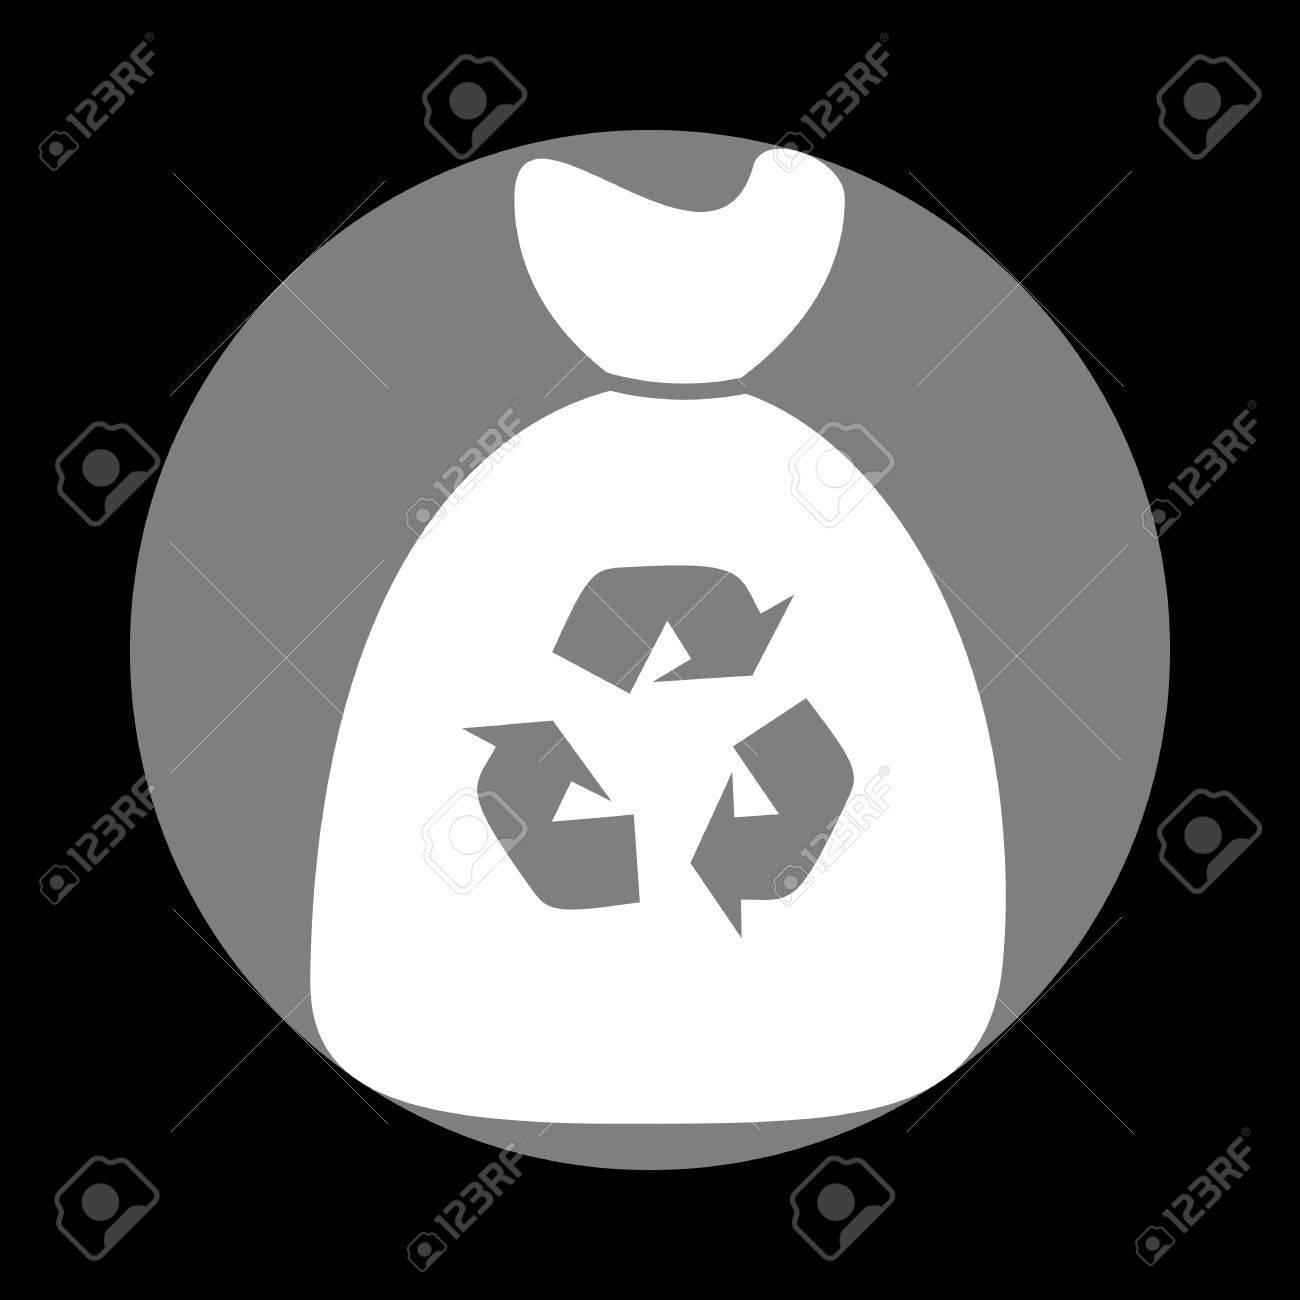 Icône de sac poubelle. Icône blanche dans un cercle gris sur fond noir. Cercle circonscrit. Circoncercle.